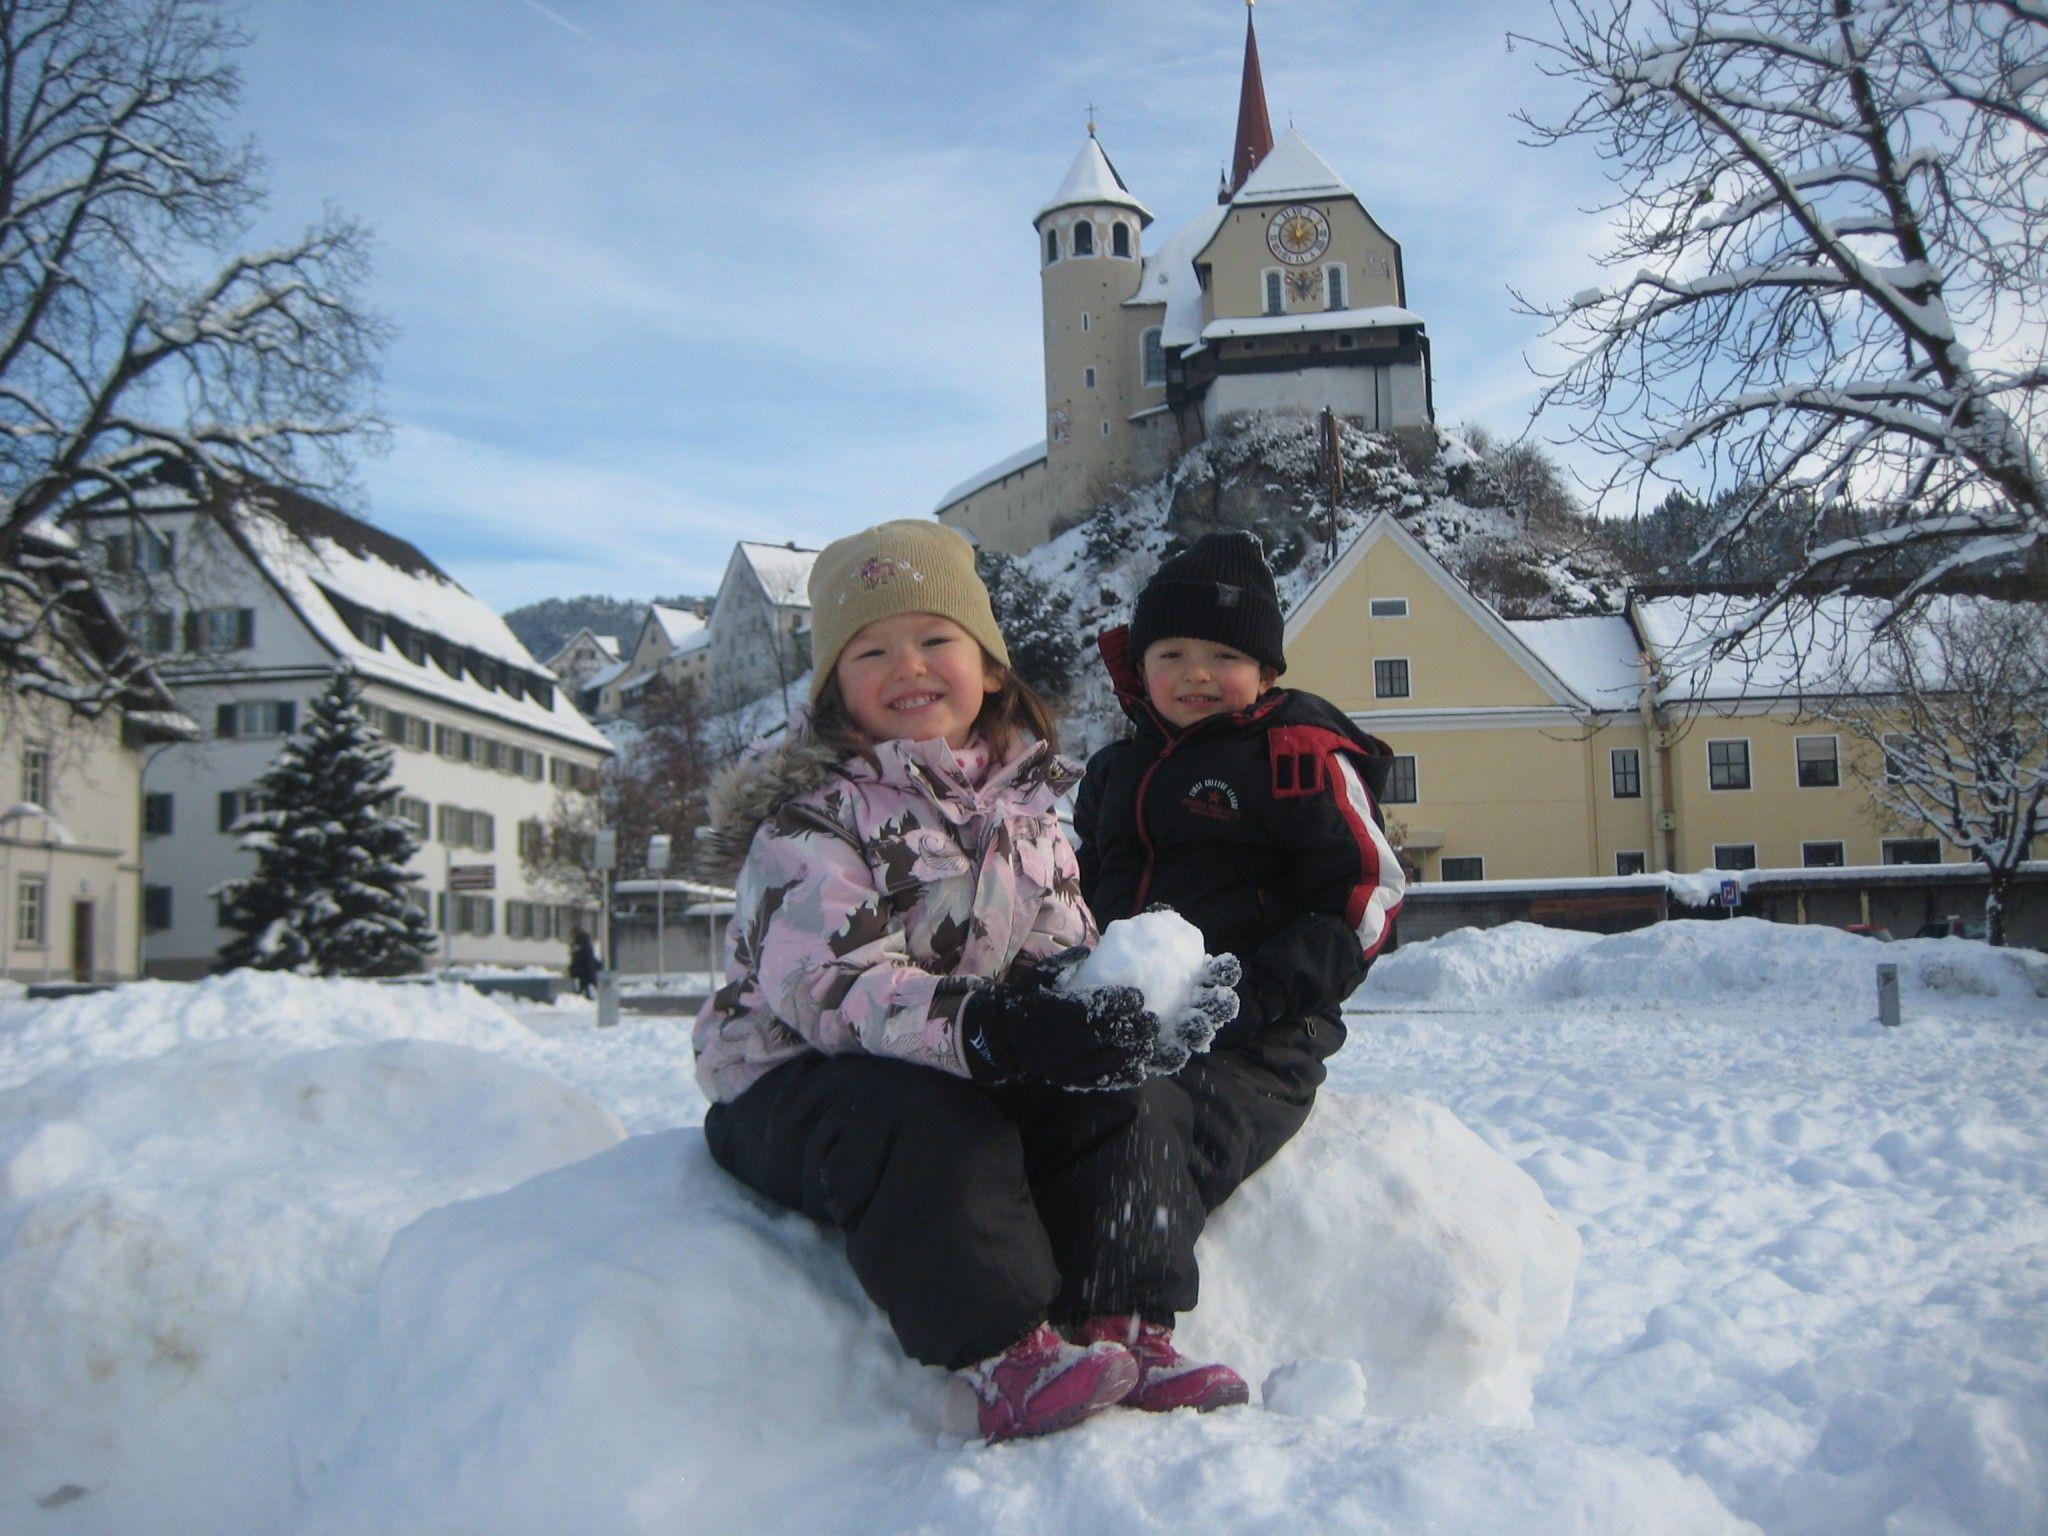 Viel Spaß haben die Kids mitten im Schnee auf dem Marktplatz.